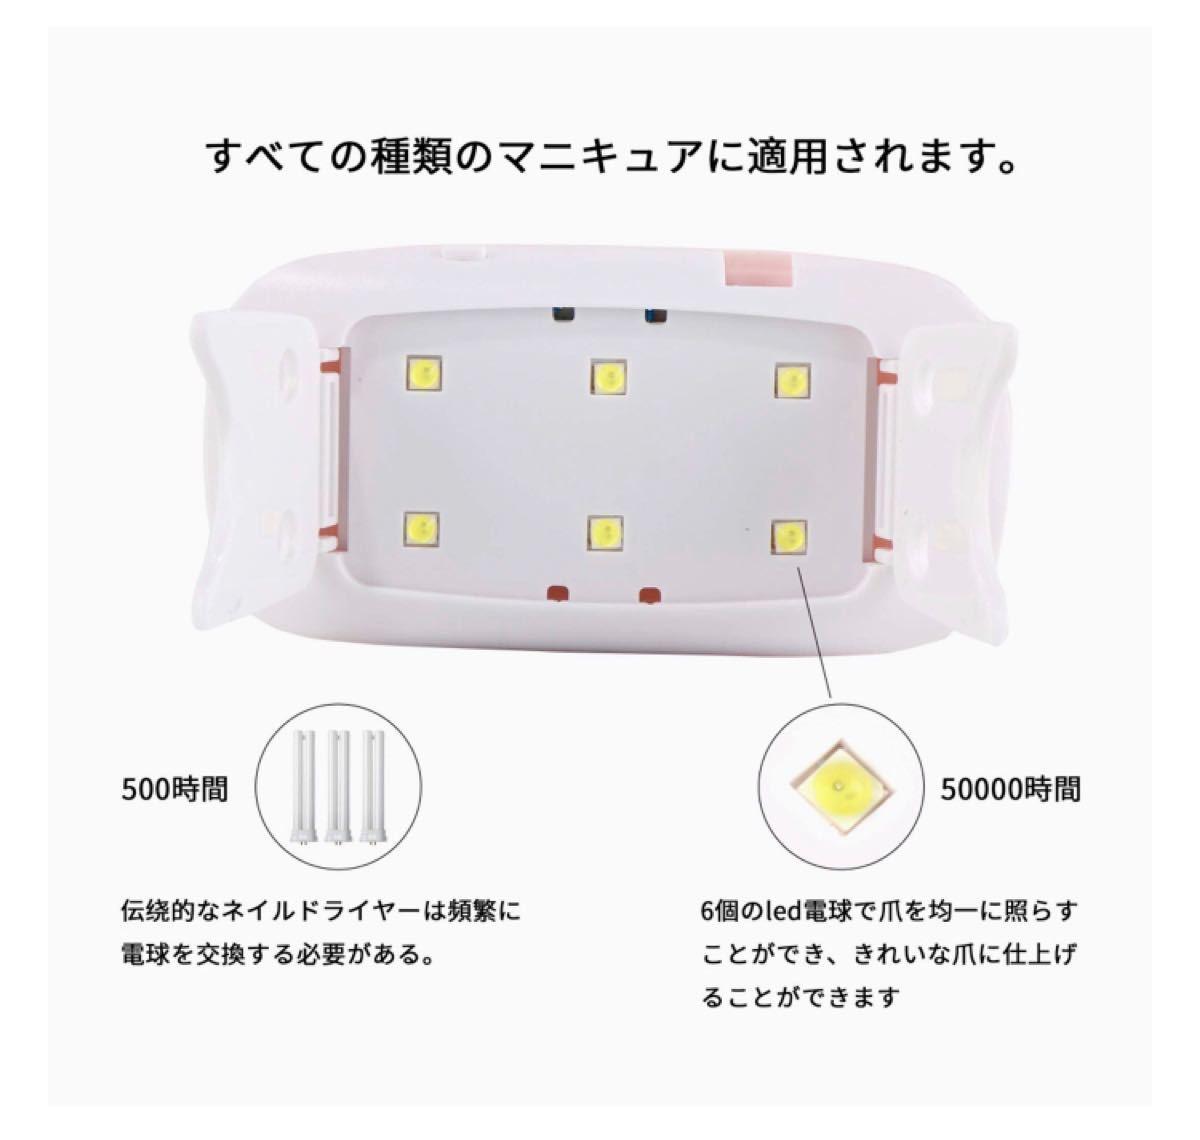 UVライト レジン用 硬化ライトネイルドライヤー  ジェルネイル レジンクラフト